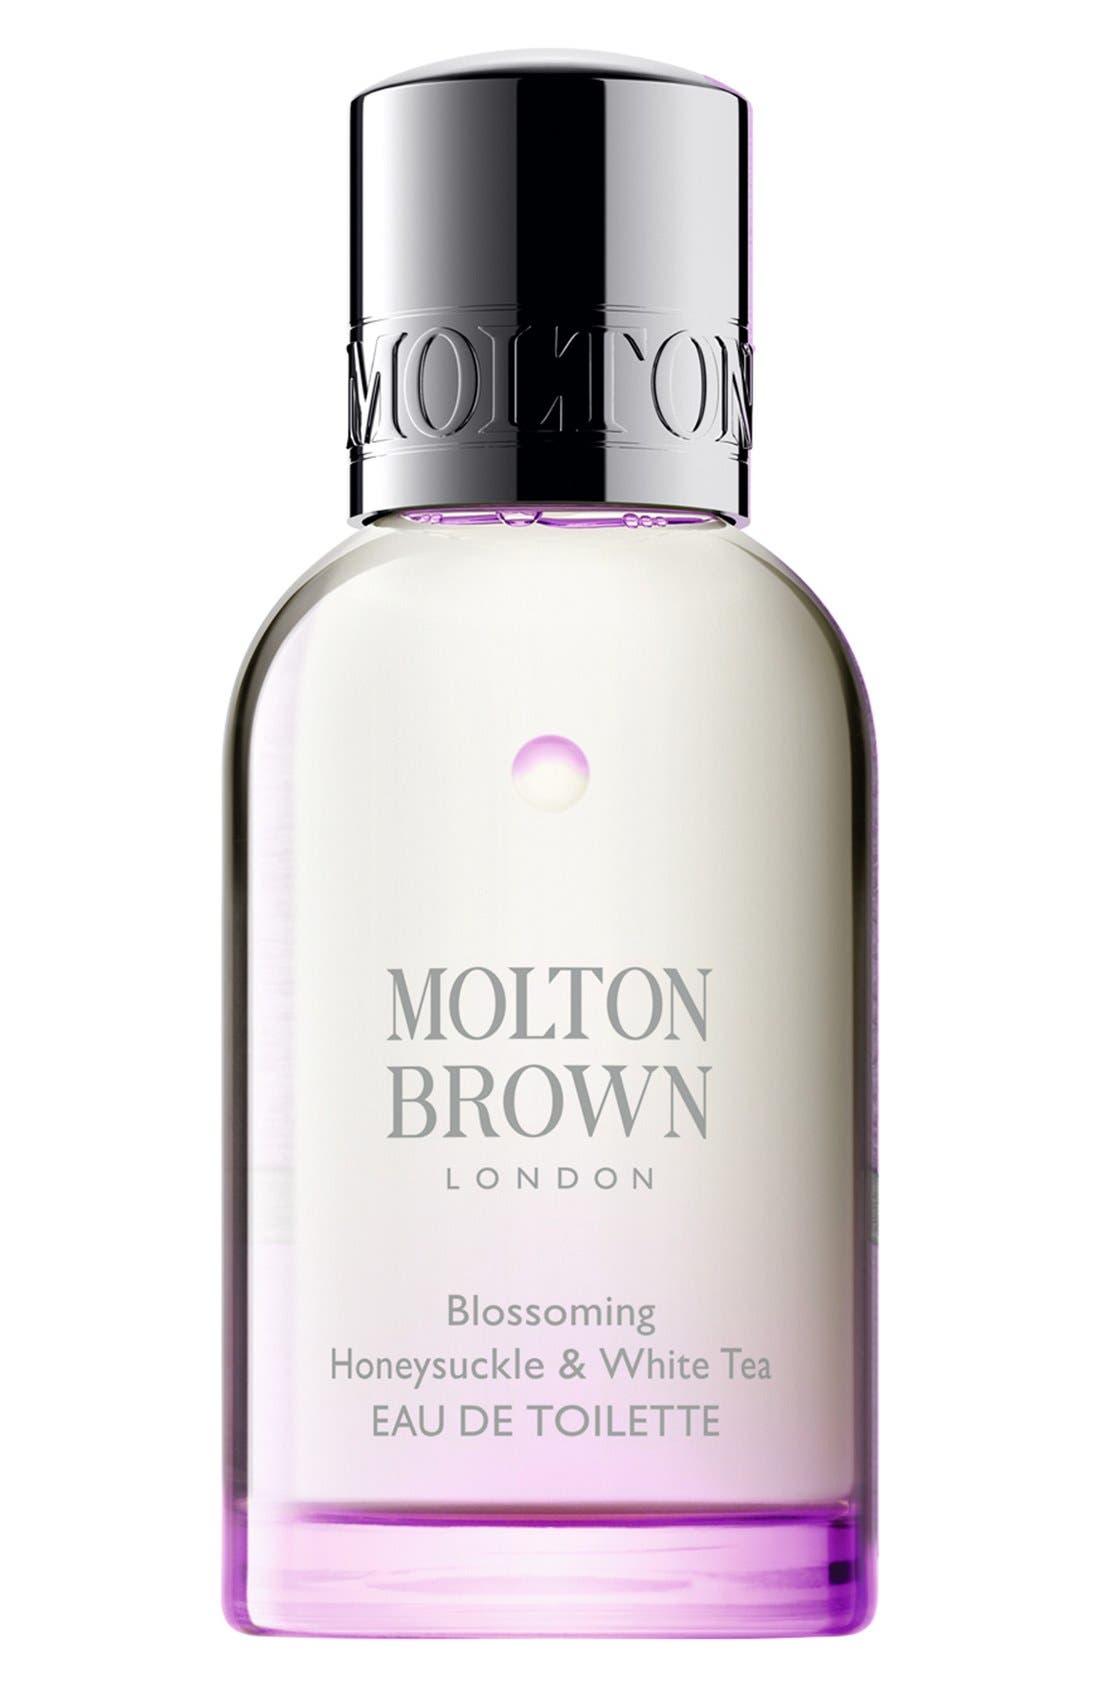 MOLTON BROWN London Blooming Honeysuckle & White Tea Eau de Toilette